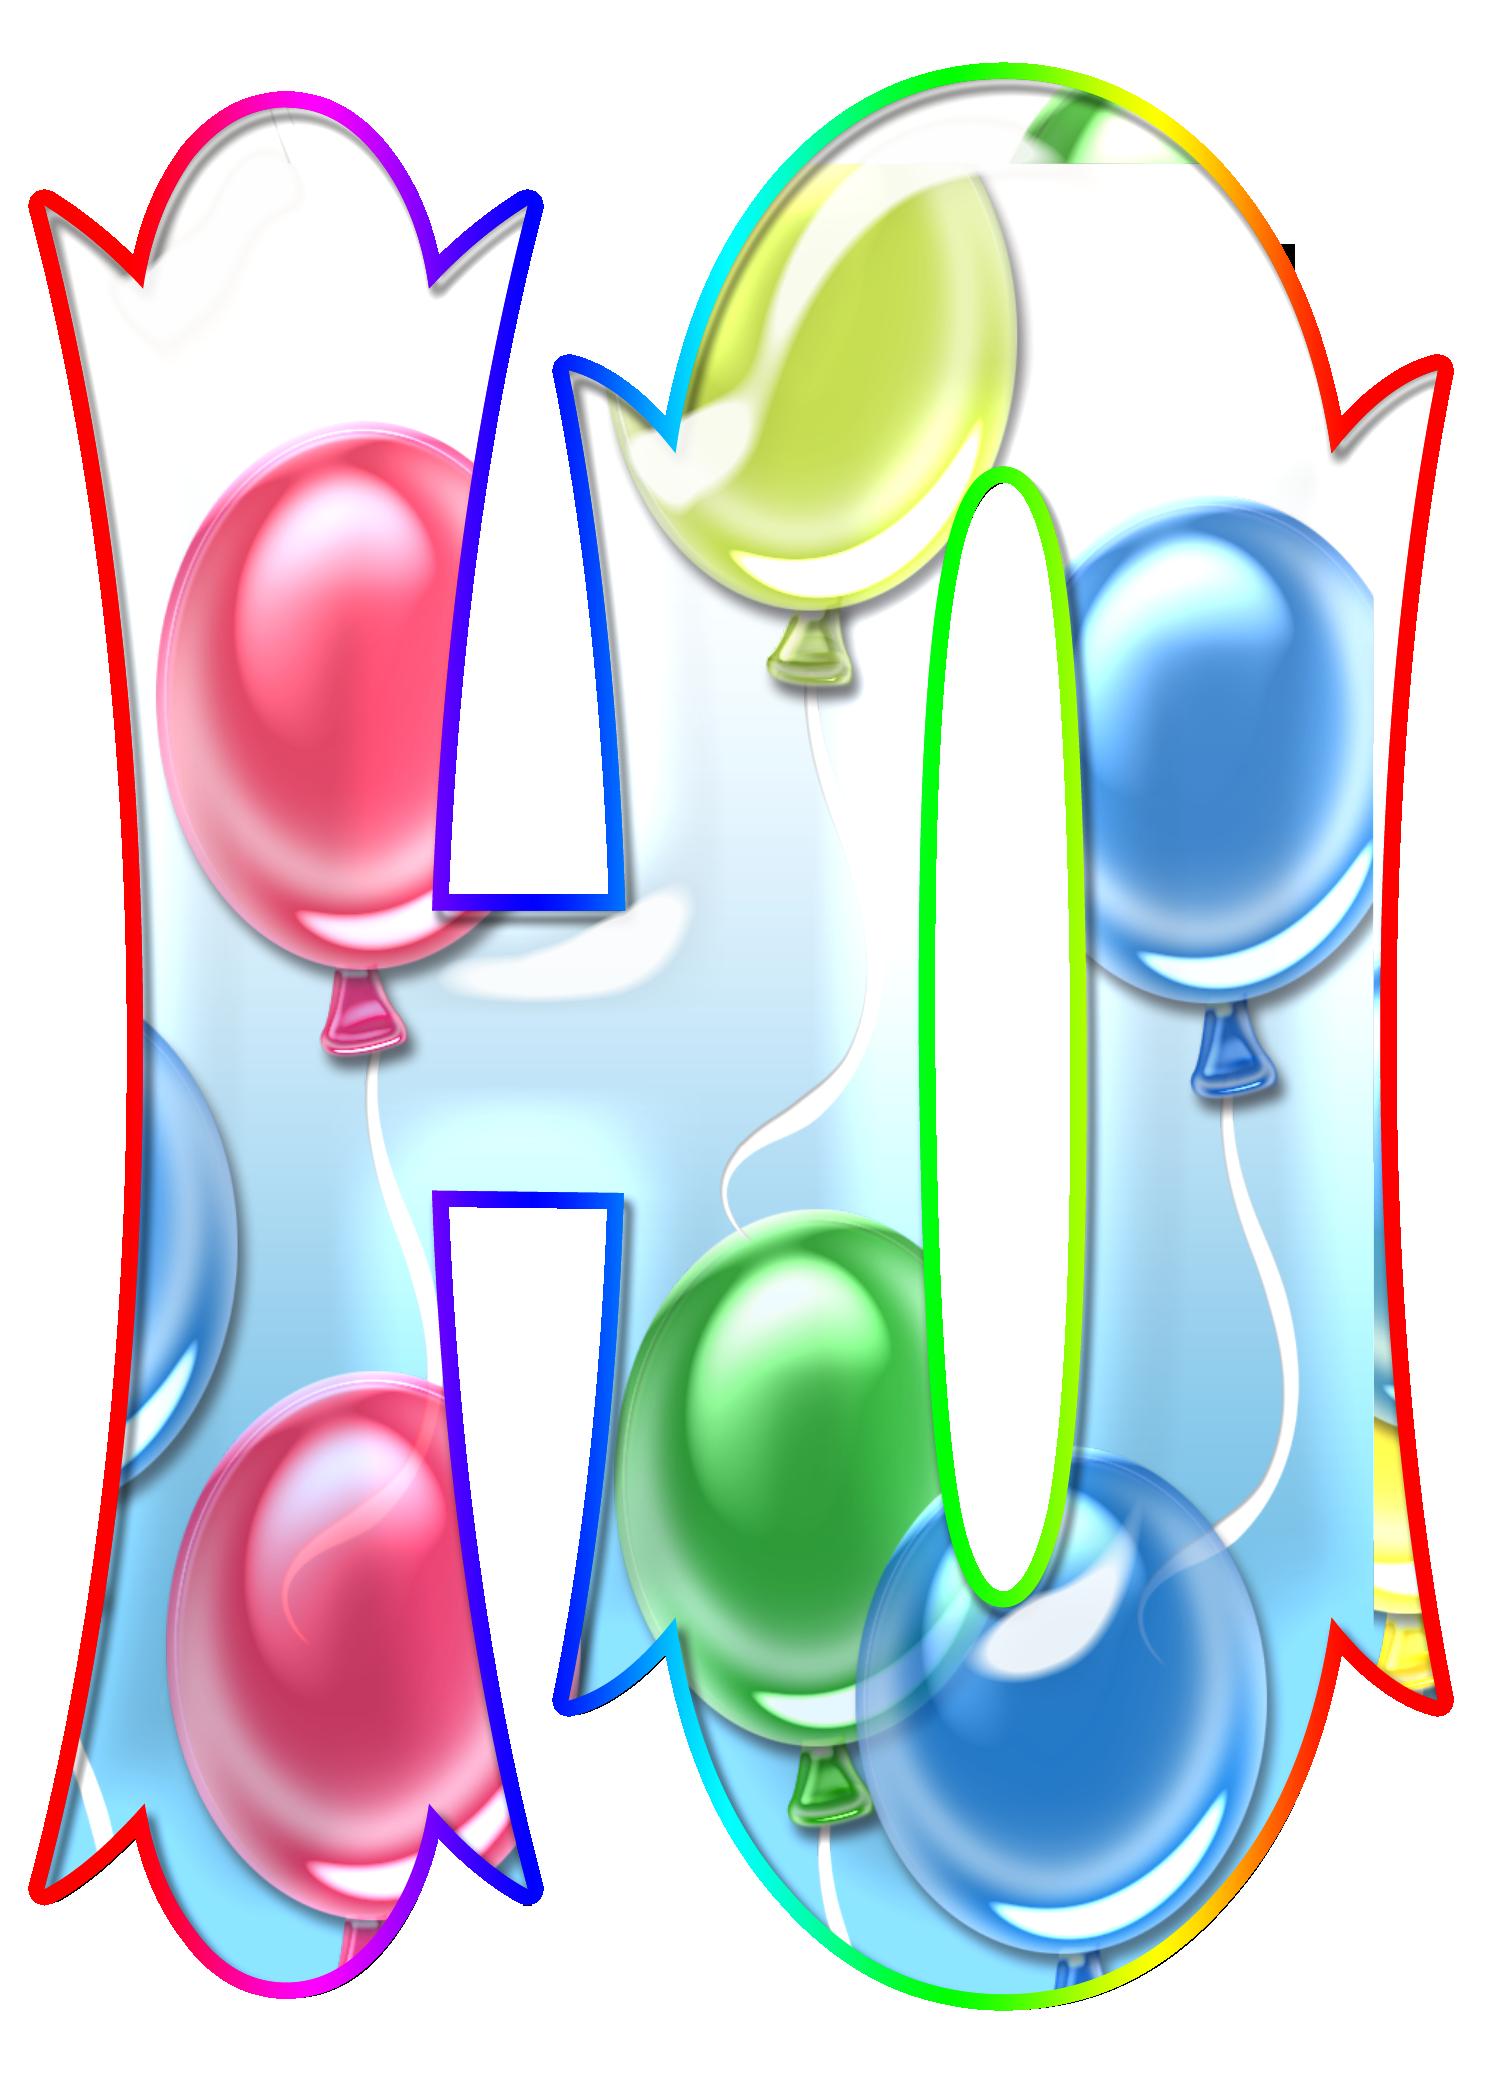 версия работает алфавит русский картинки с днем рождения начала, давайте разберемся